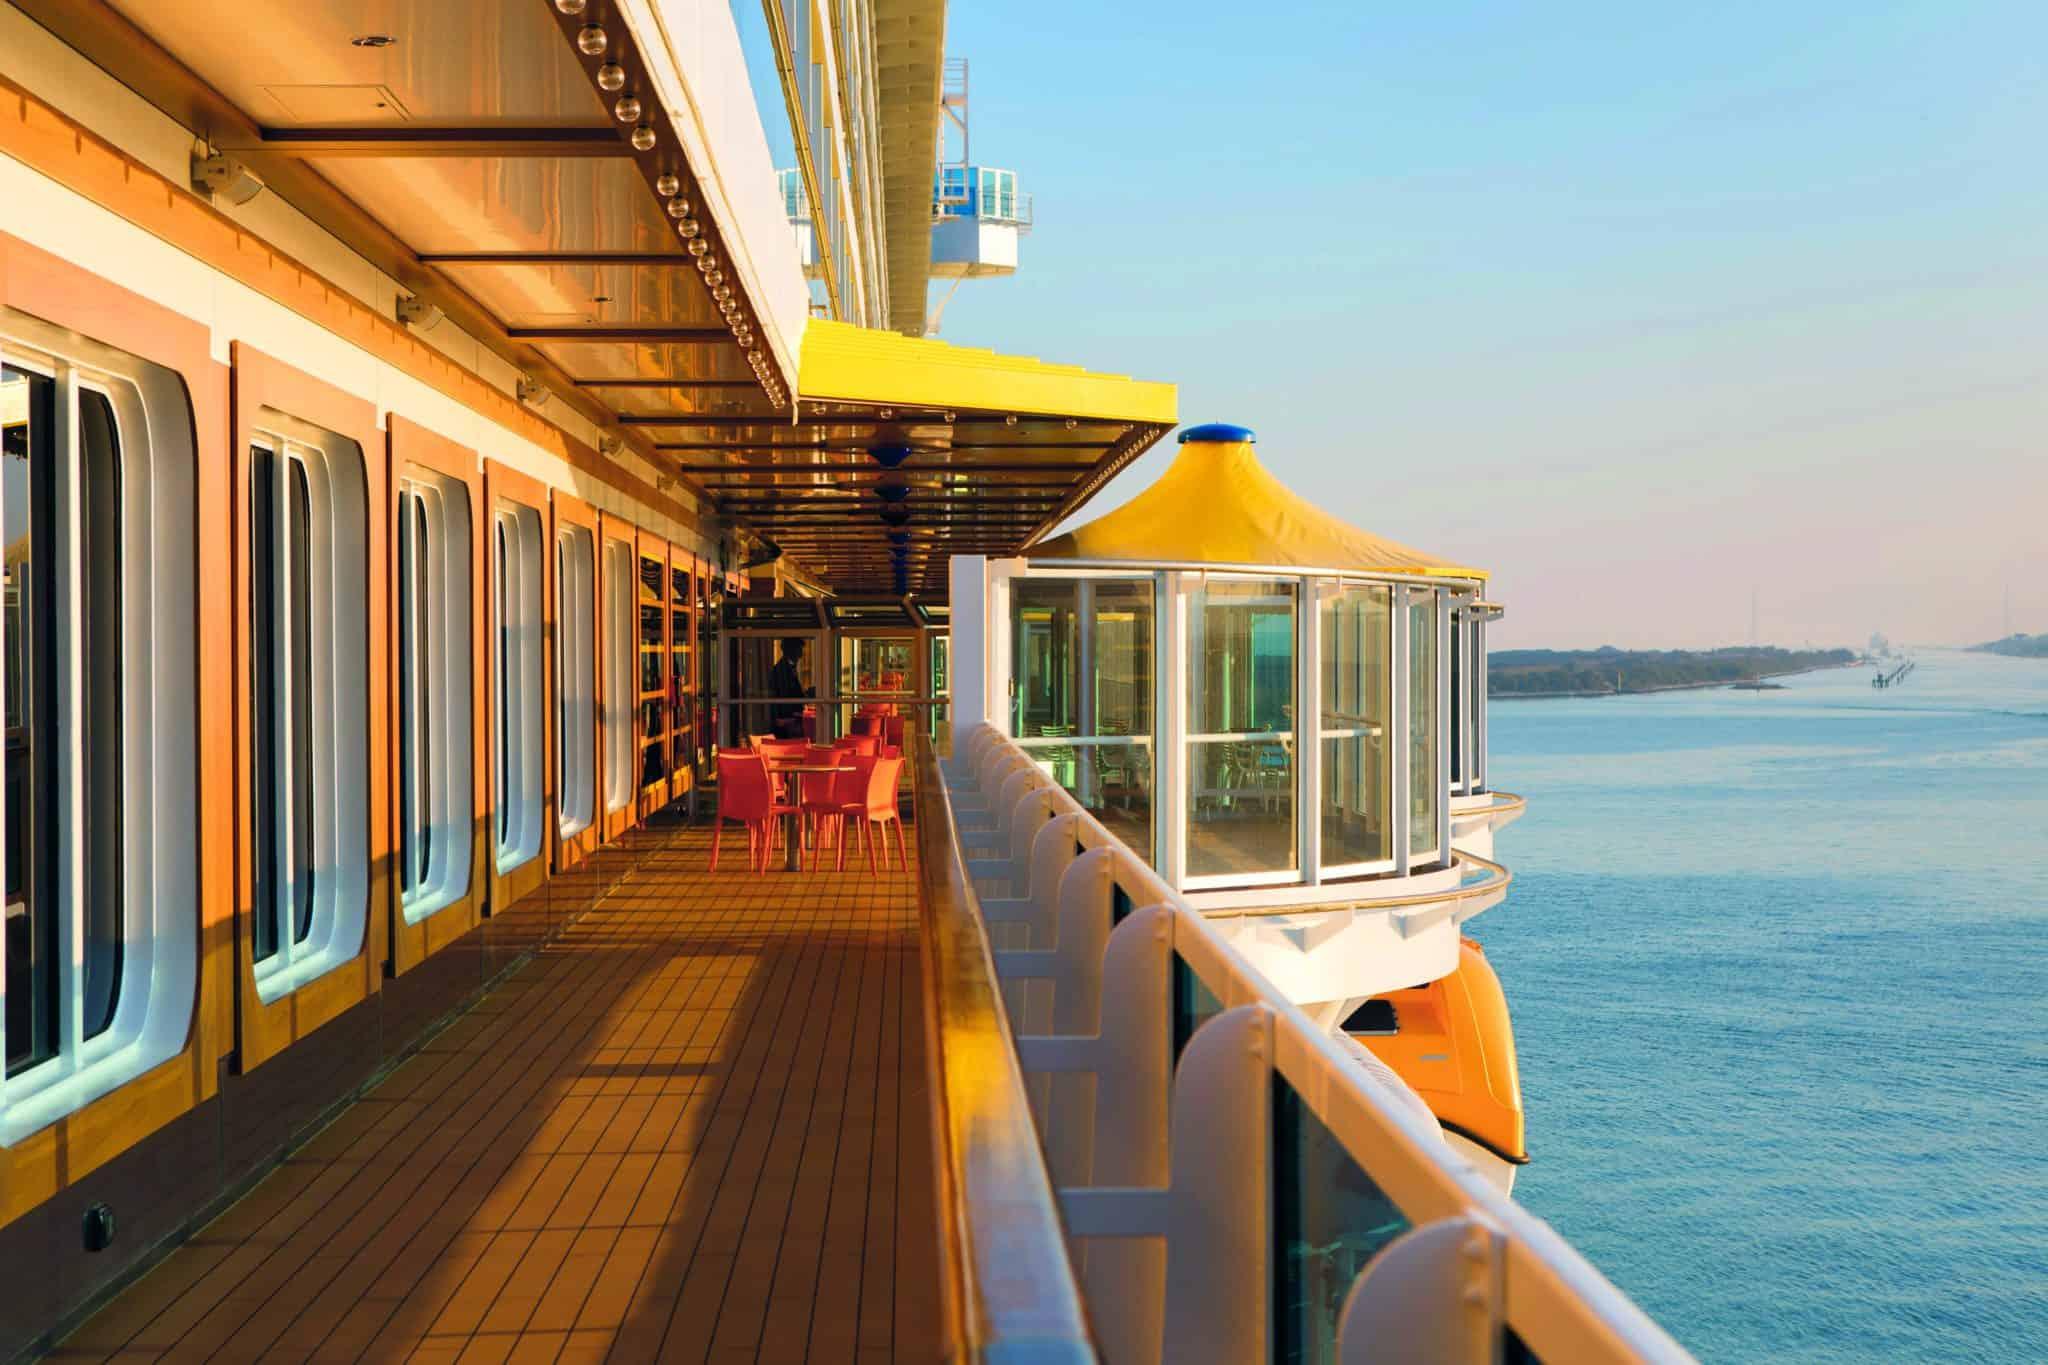 Costa Diadema open deck